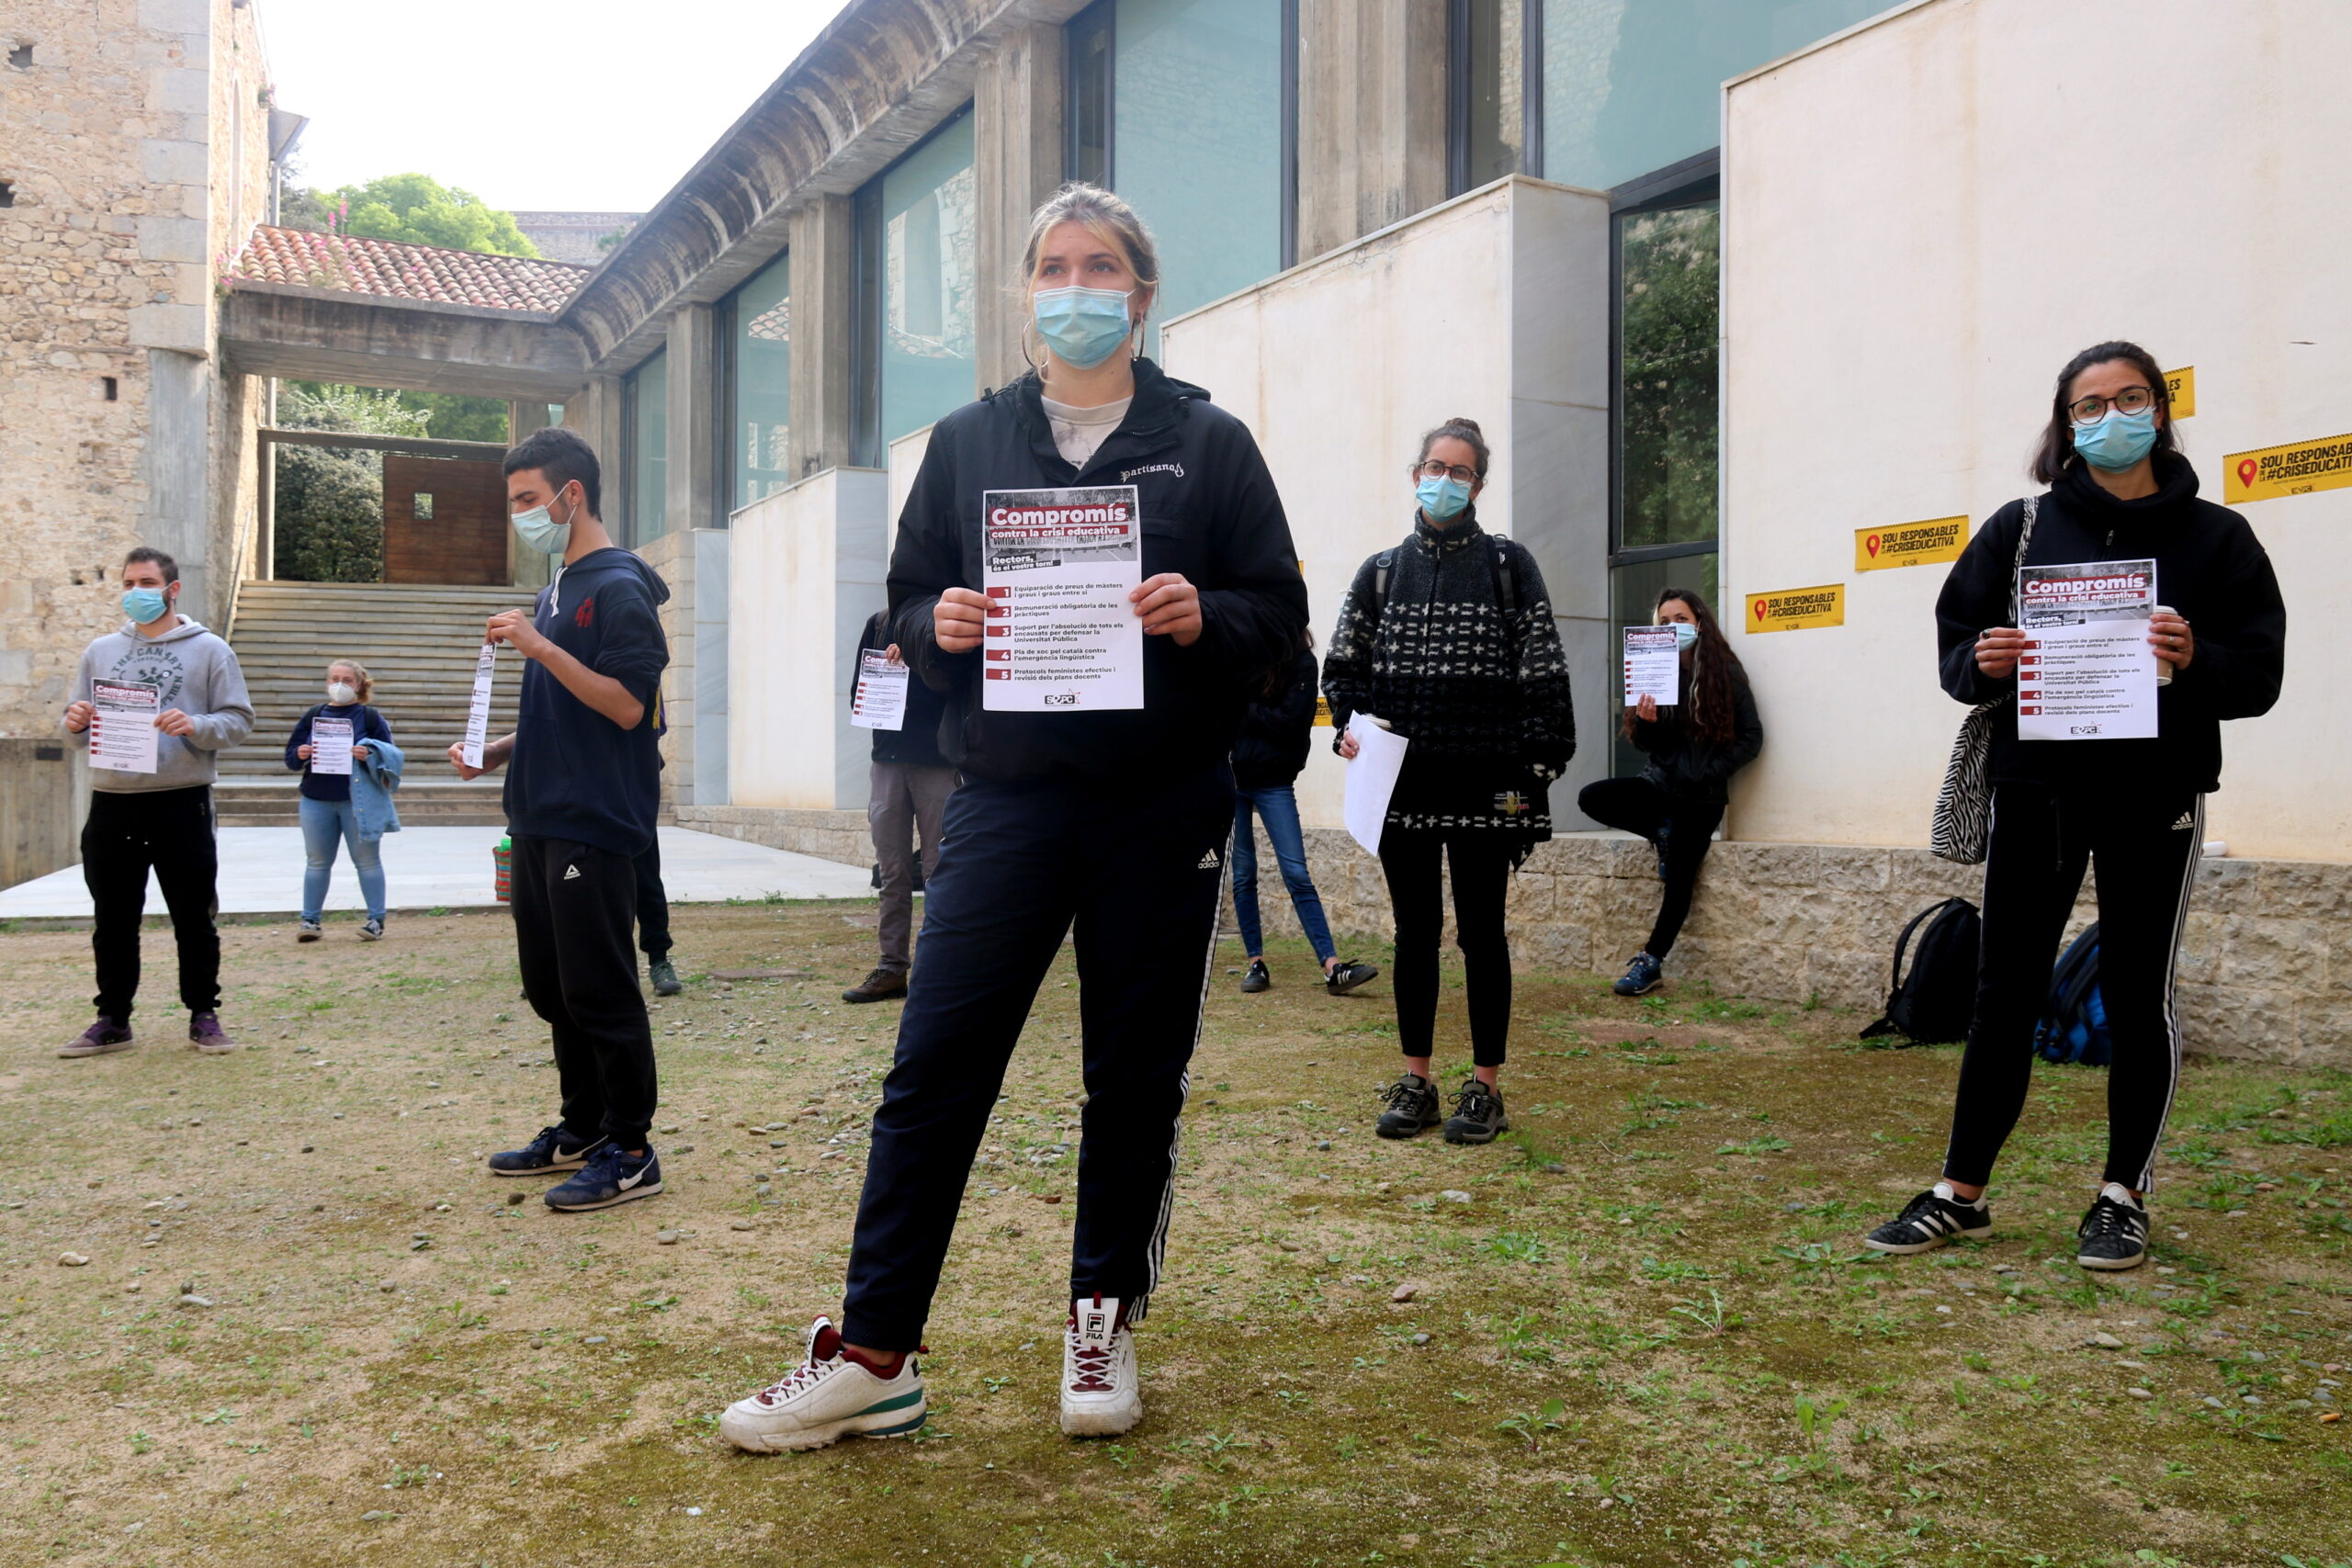 Els estudiants de la UdG al pati del rectorat, amb els cartells reclamant que se signi el compromís contra la crisi educativa | ACN